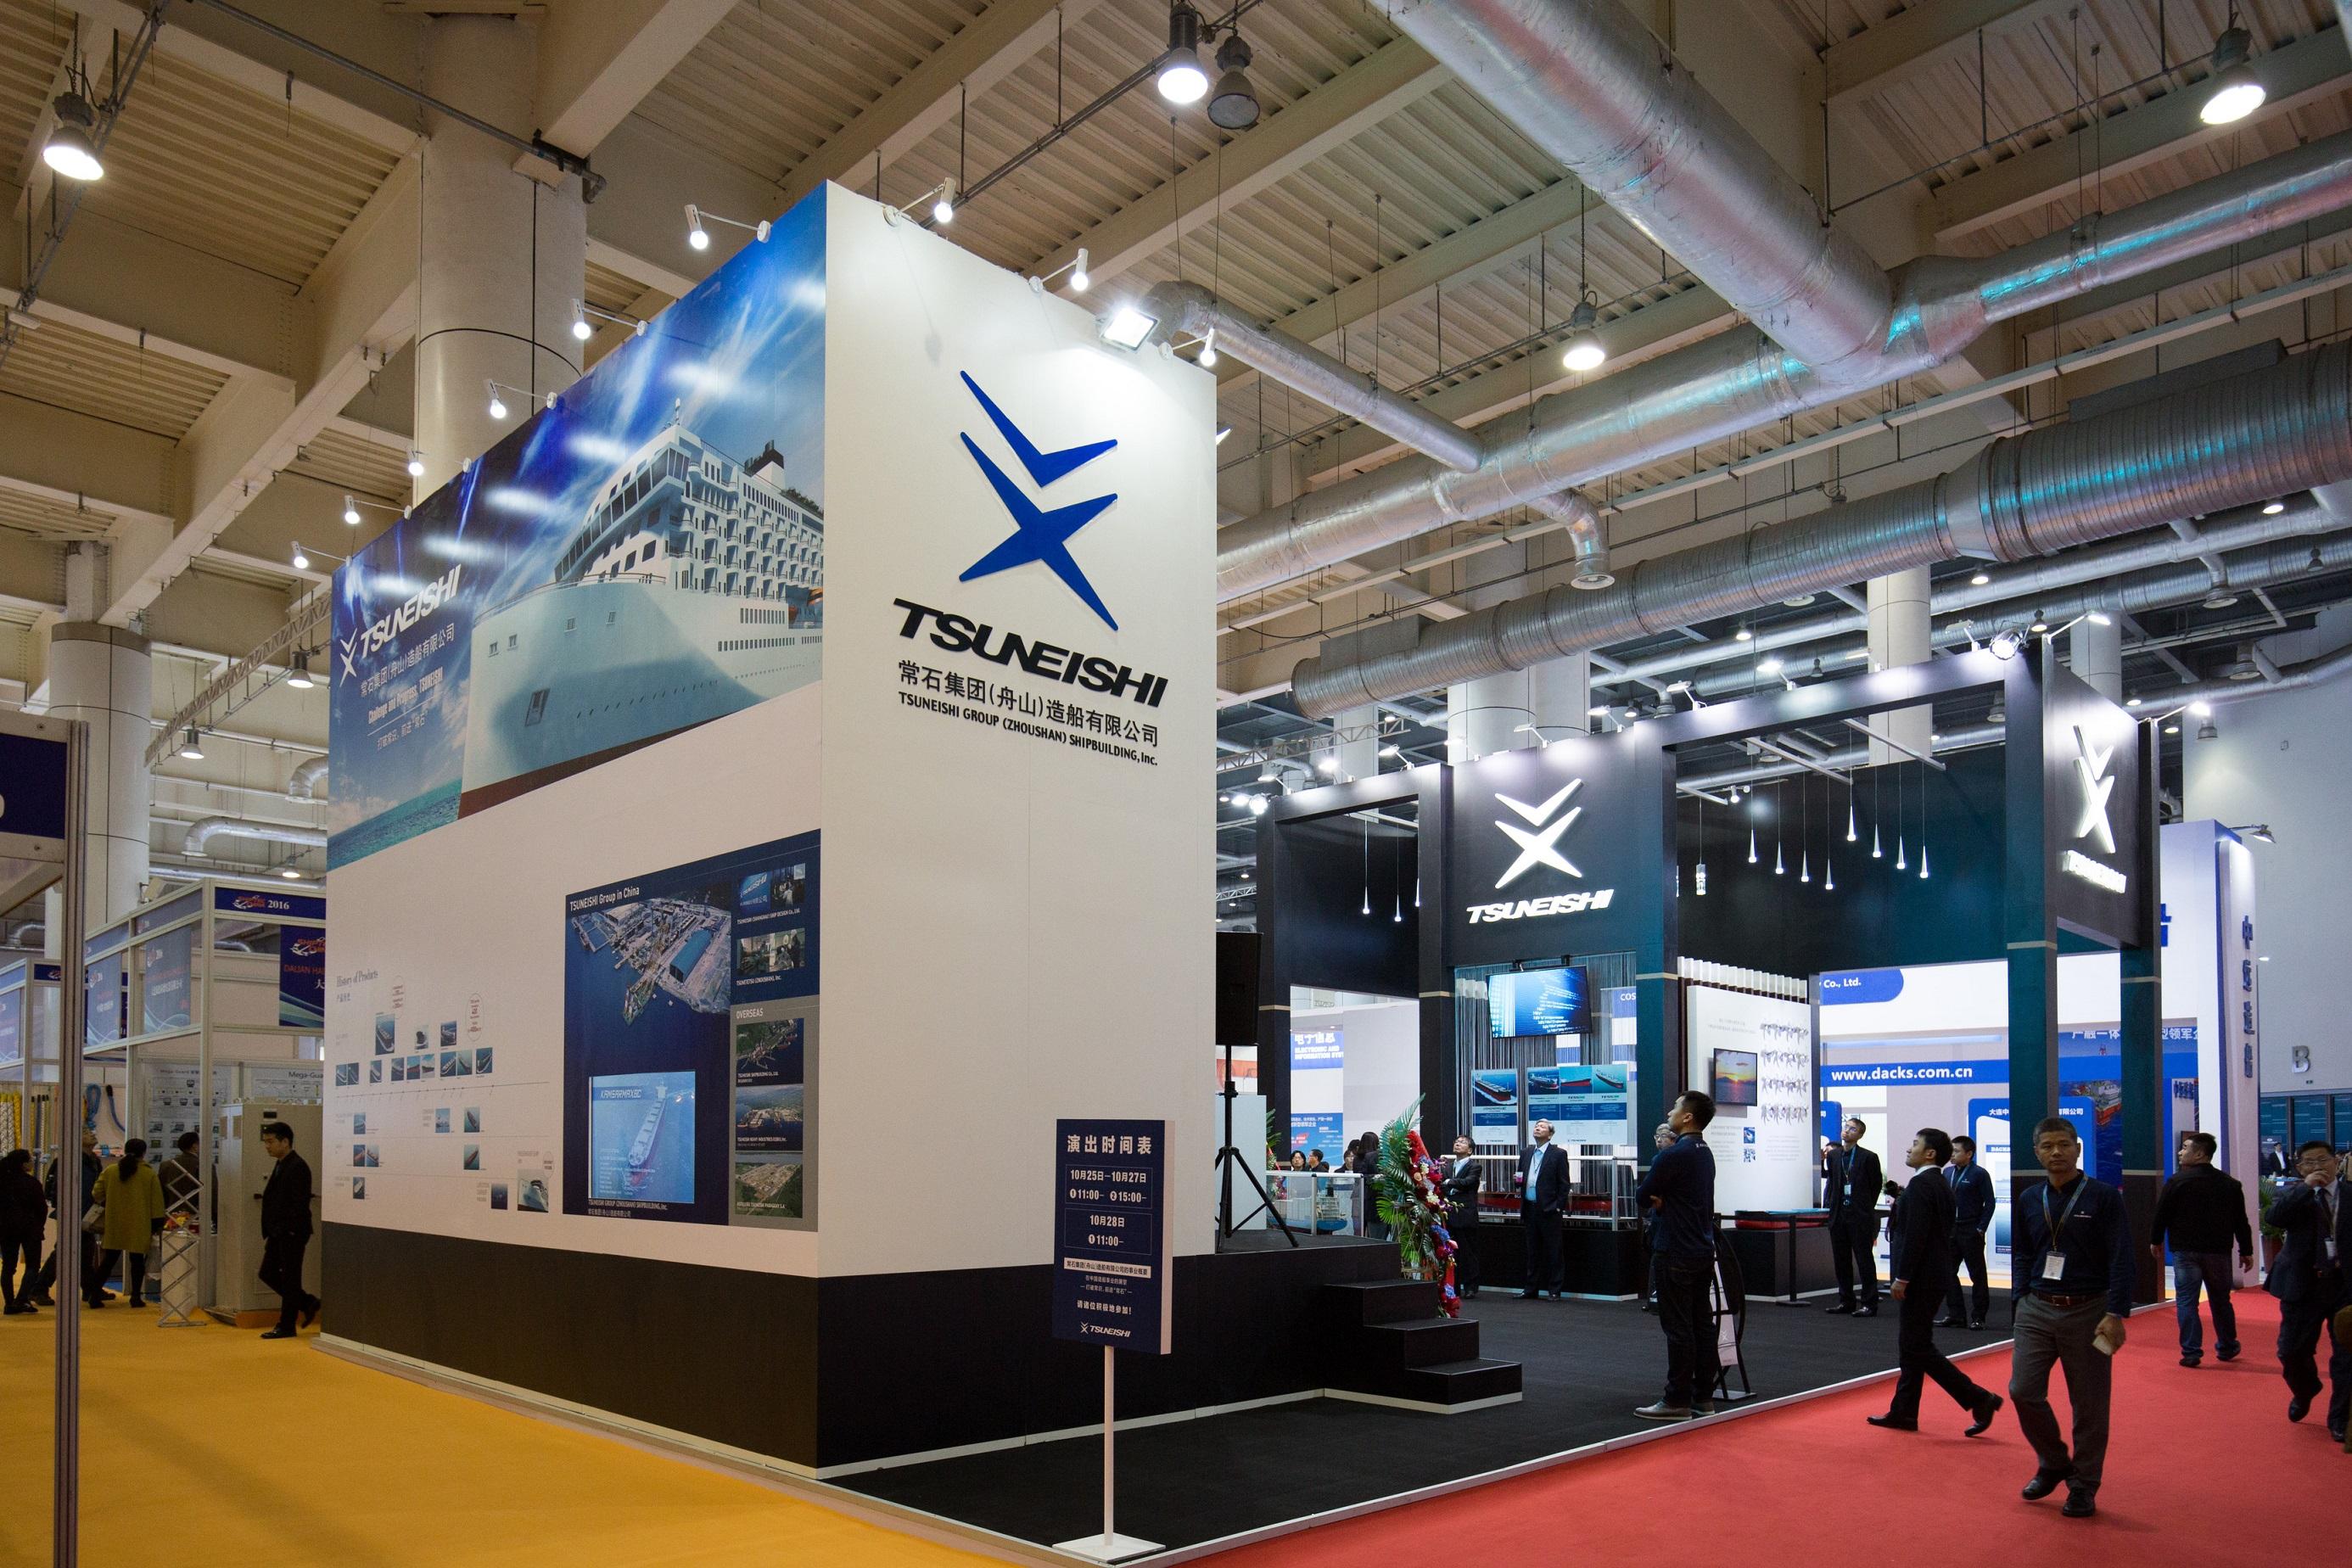 常石集団(舟山)造船有限公司が大連の国際海事展「SHIPTEC CHINA 2016」に初出展